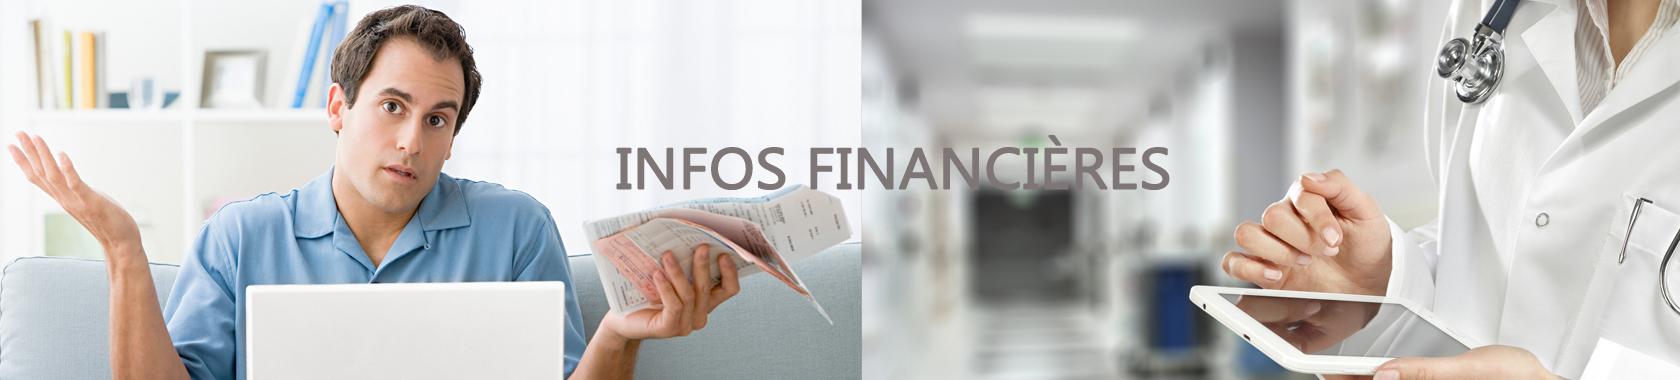 infos financières